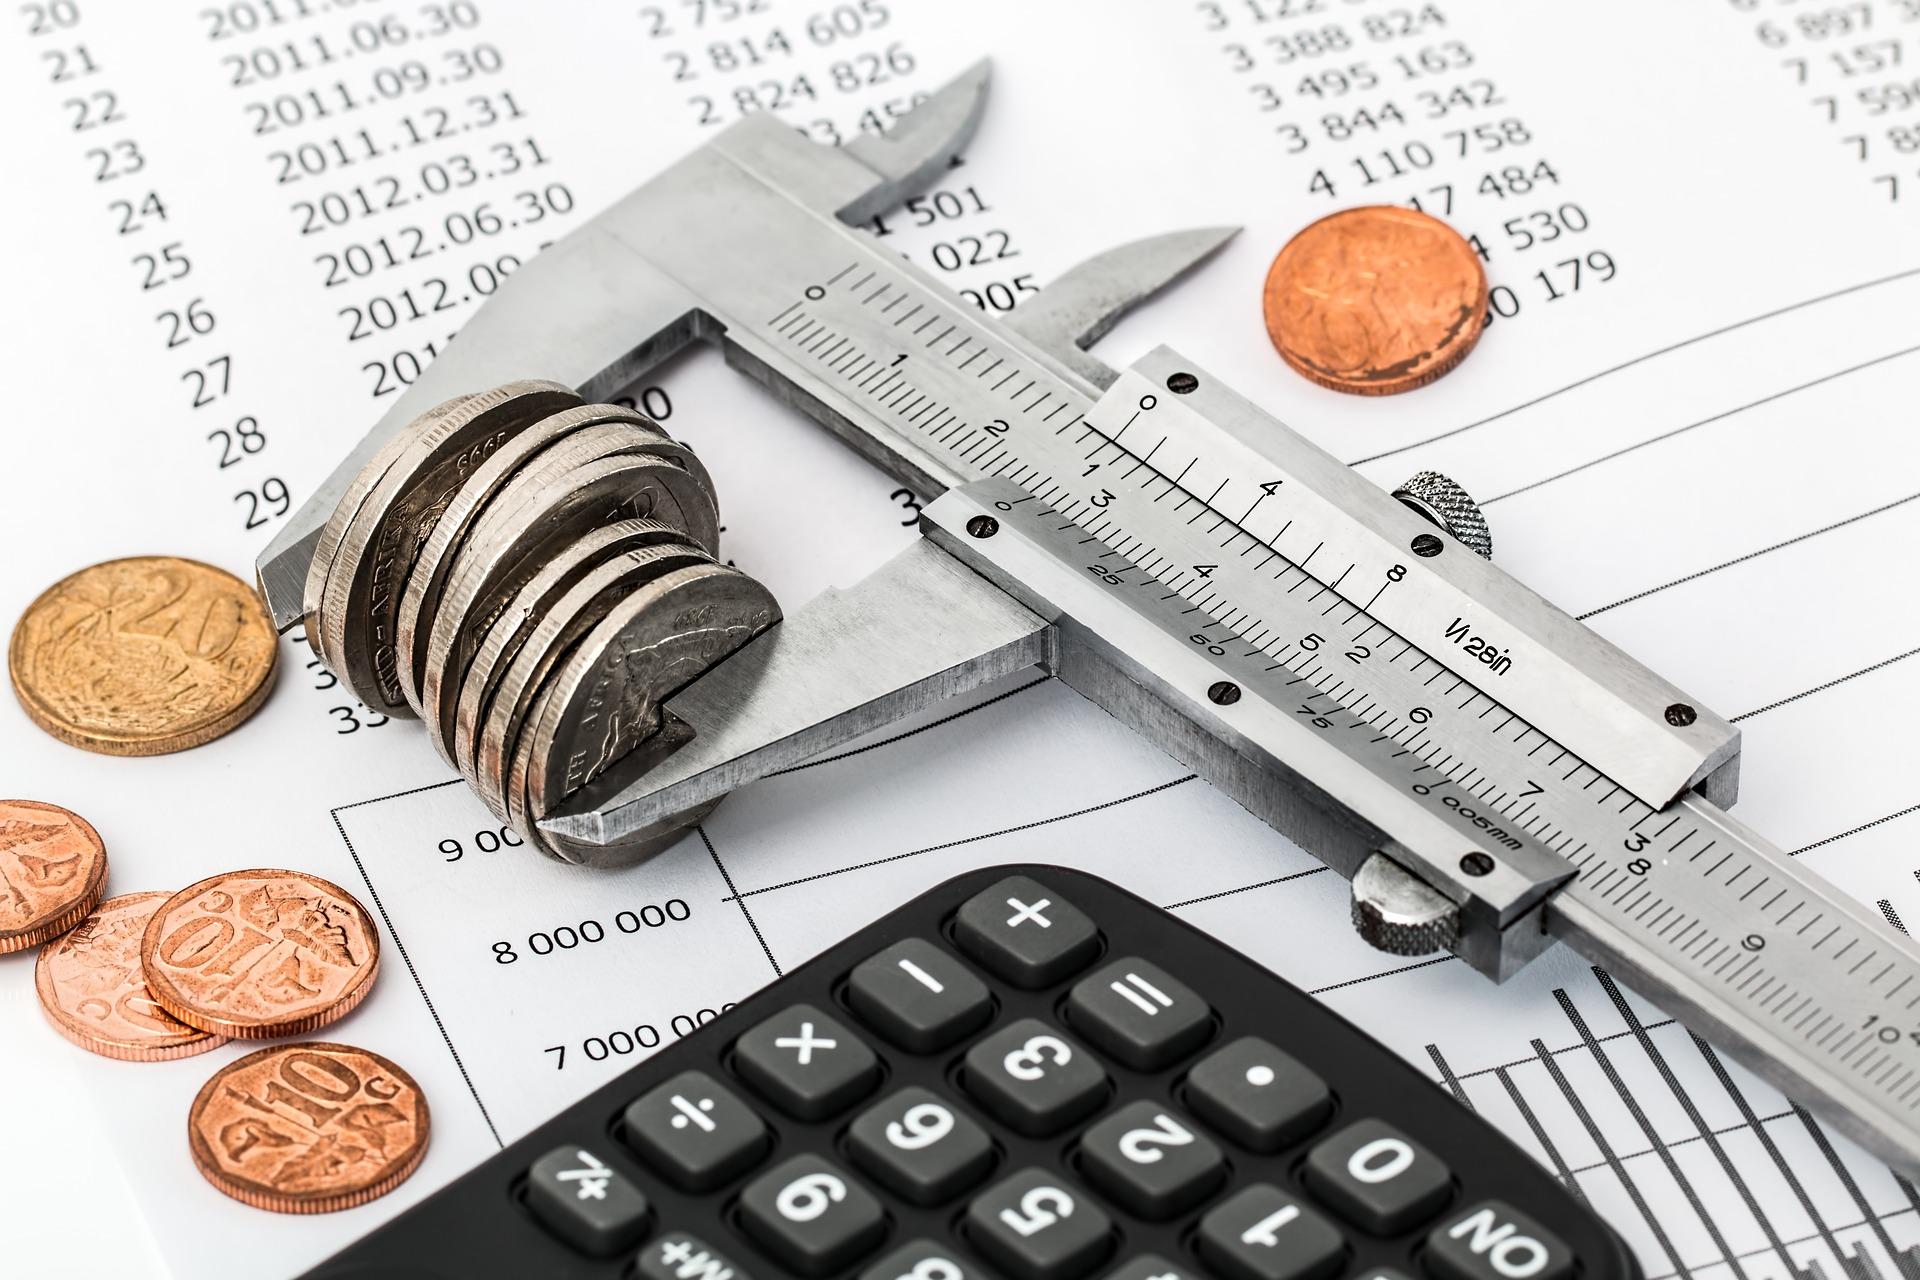 Procura expandir o seu negócio? investir em imobiliário? precisa de soluções de crédito?